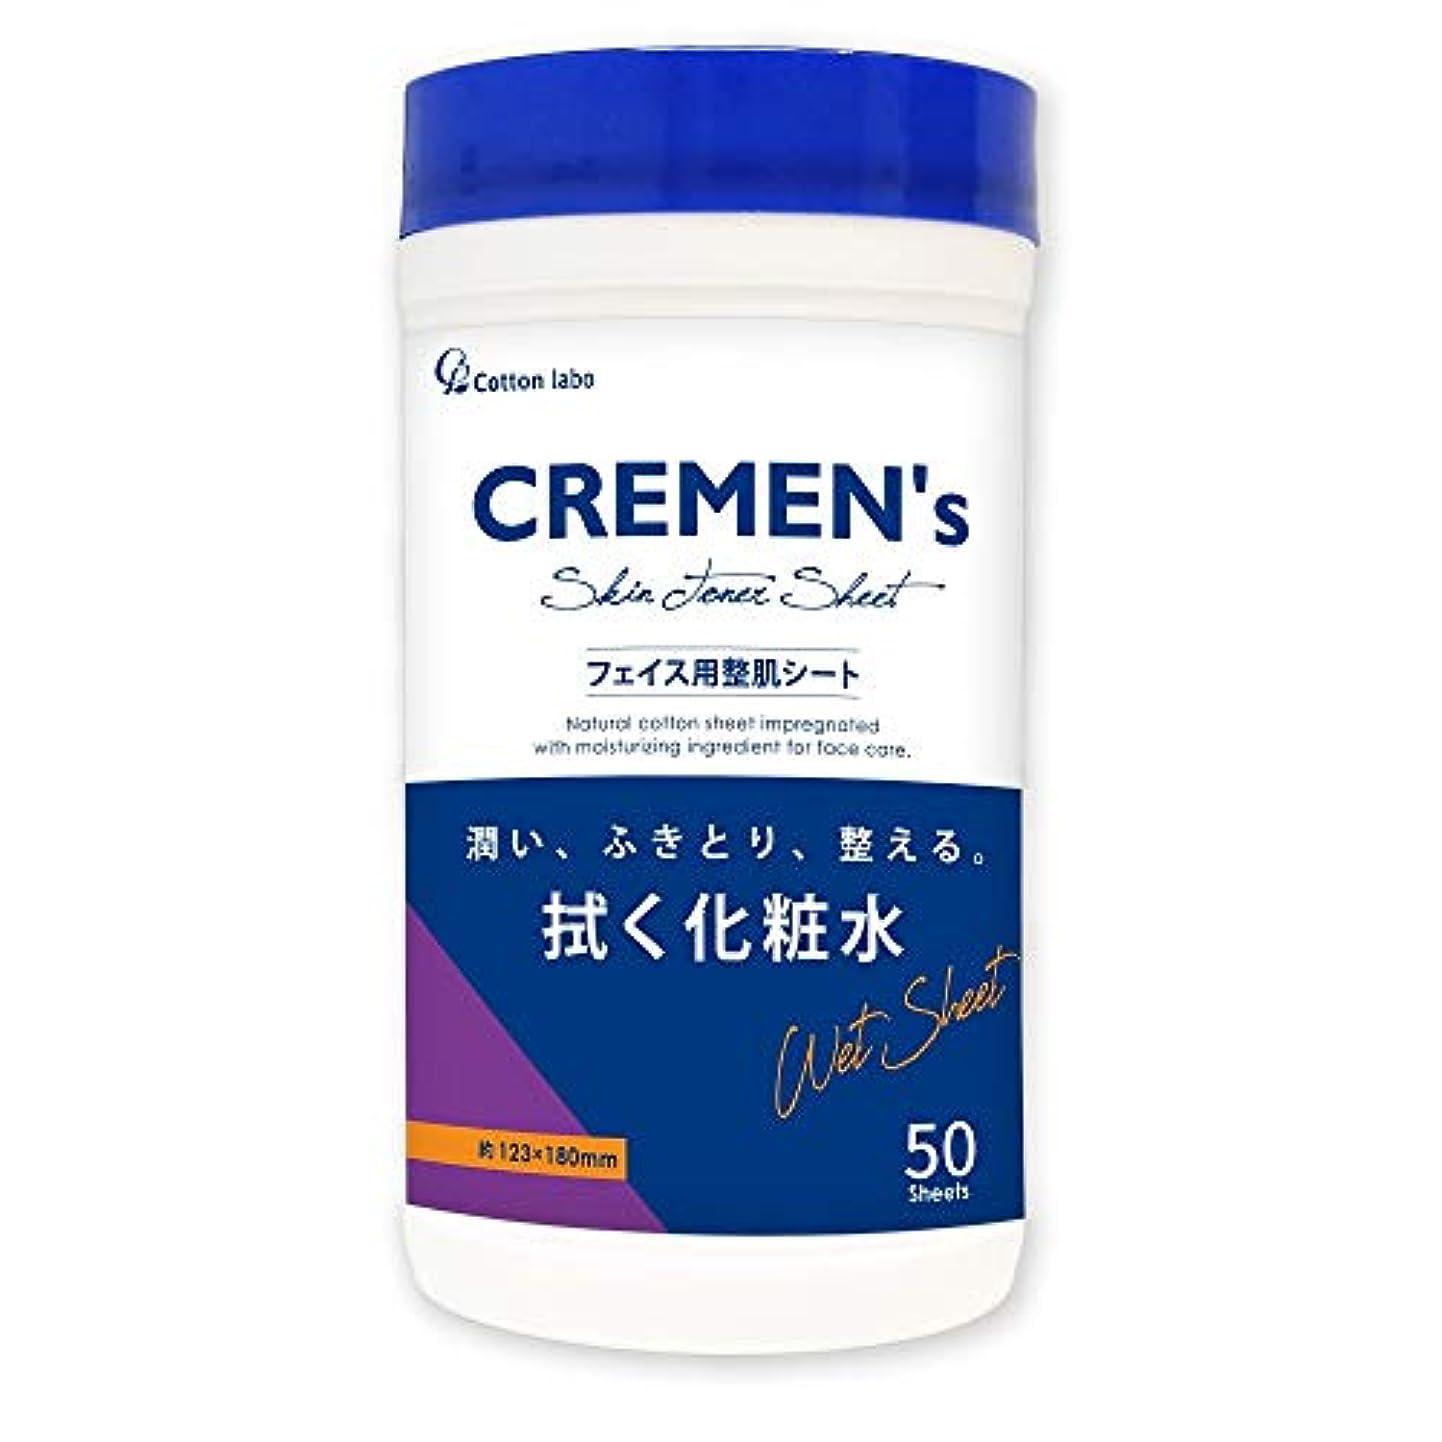 CREMEN's(クレメンズ) フェイス用ふきとりシート スキントナーシート 50枚